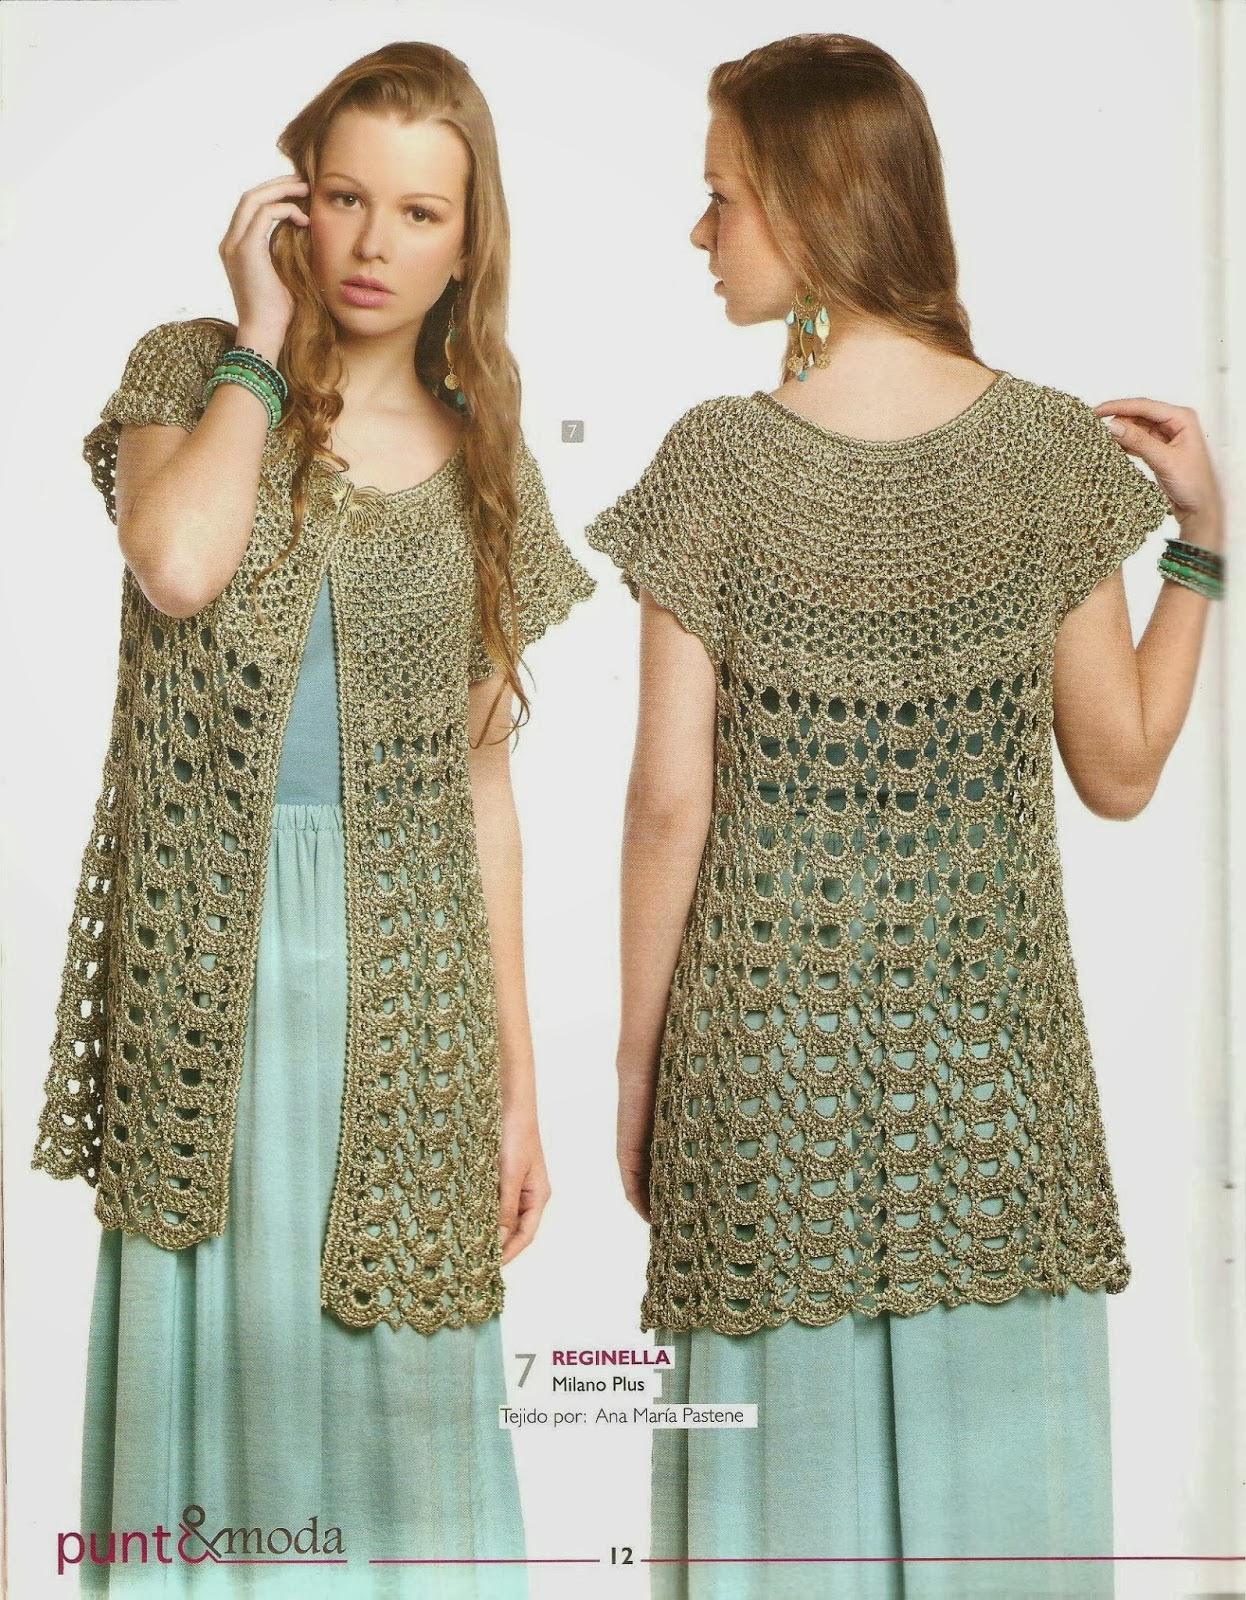 Moda Crochet Patterns : Ringrazio vivamente Nana che mi ha fornito la spiegazione in italiano!